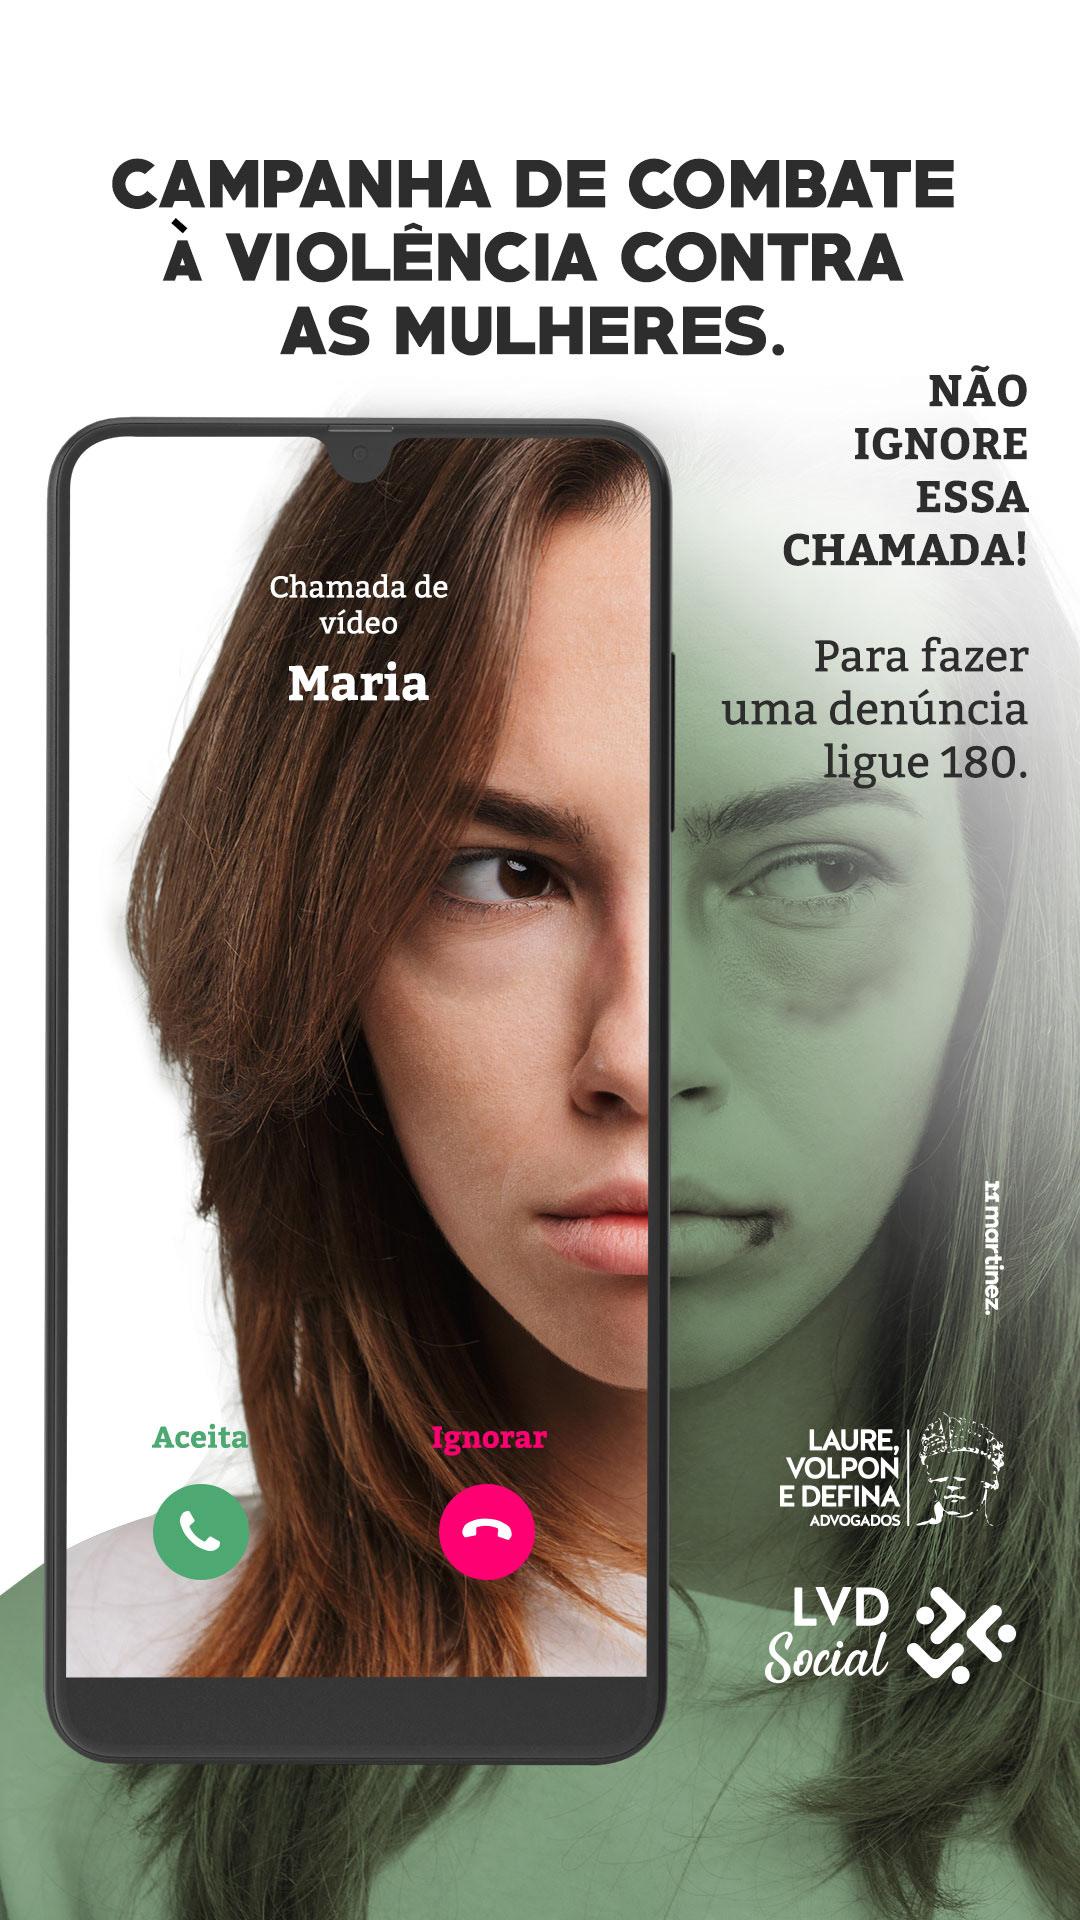 advocacia campanha advocacia CAMPANHA ADVOGADOS campanha mulheres contra violencia mulher Violência contra mulher Violencia mulheres